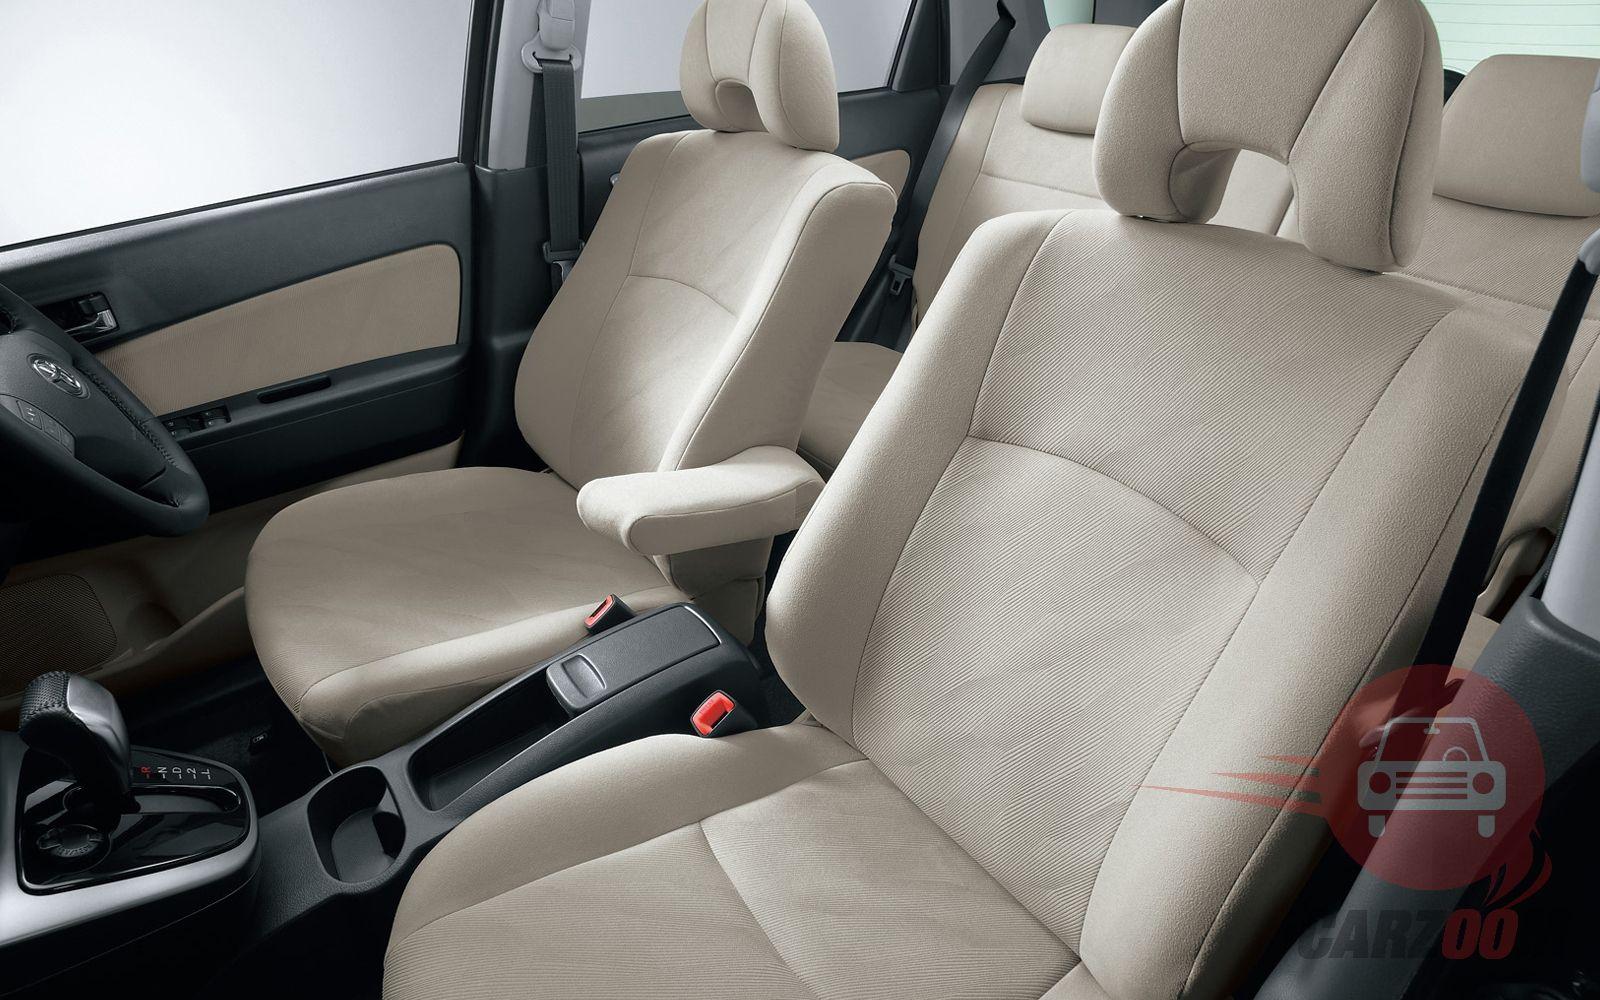 Toyota Rush Interiors Seats